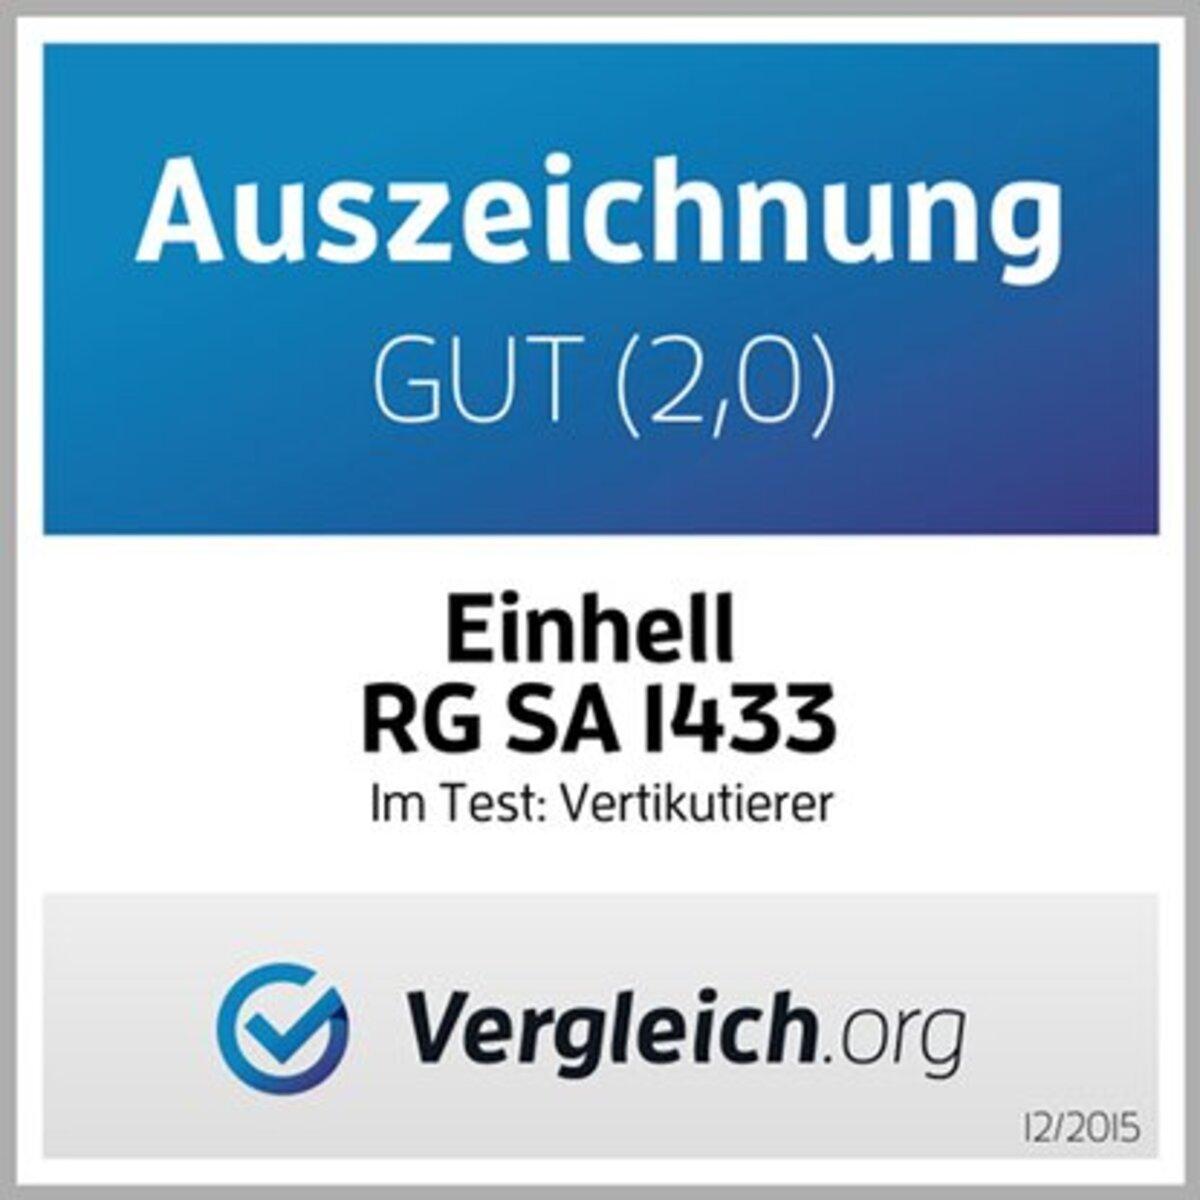 Bild 13 von Einhell Elektro-Vertikutierer-Lüfter RG-SA 1433